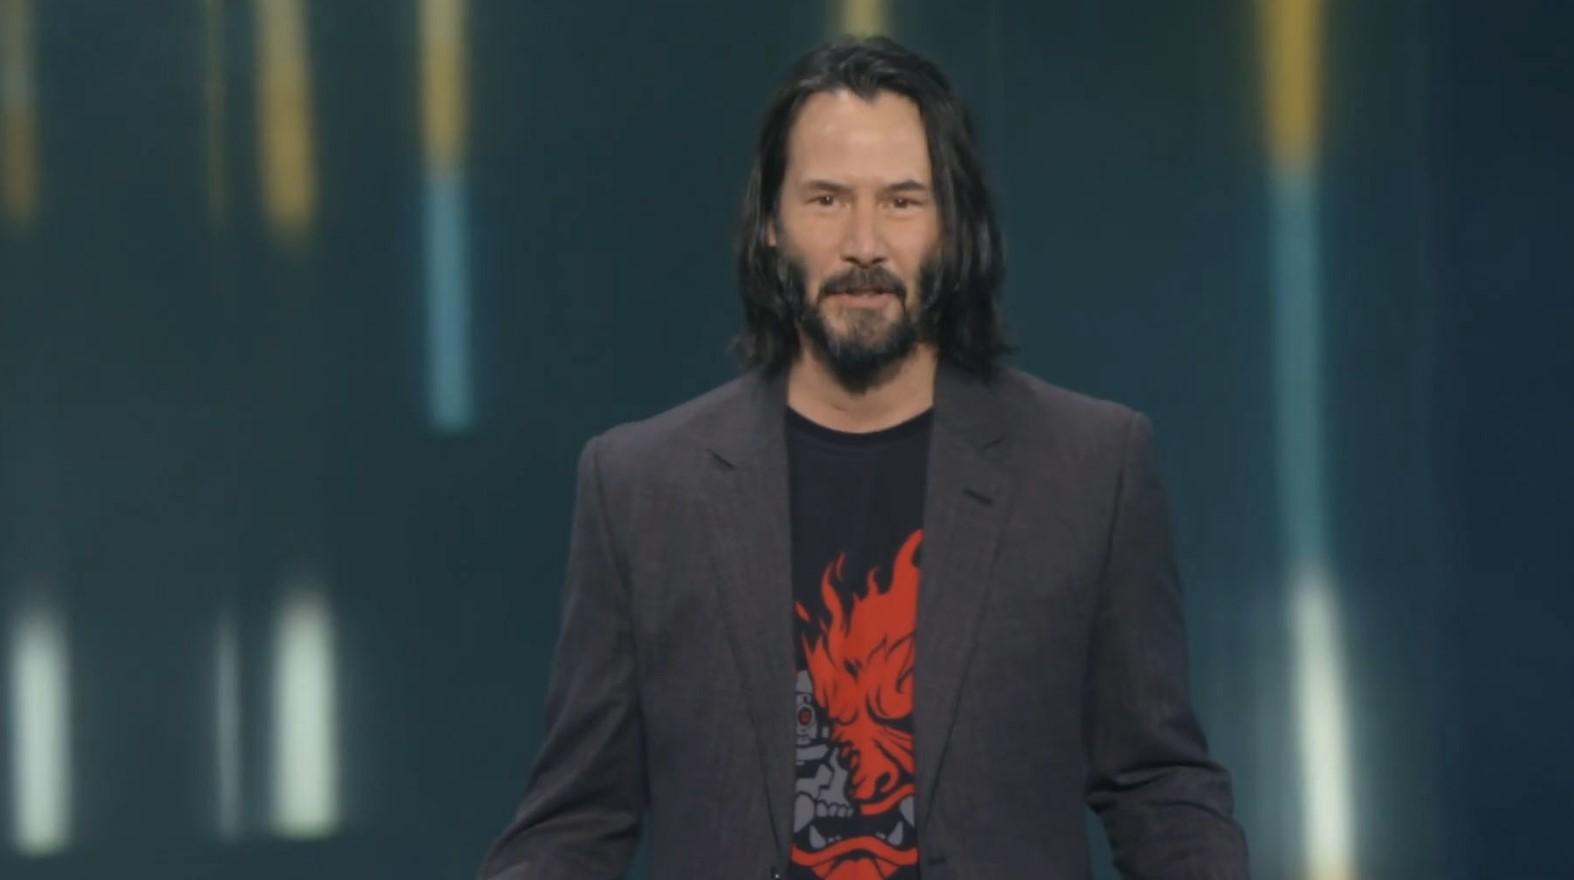 E3: La historia detrás del fan que le gritó a Keanu Reeves y la donación que hará CD Projekt por una buena causa